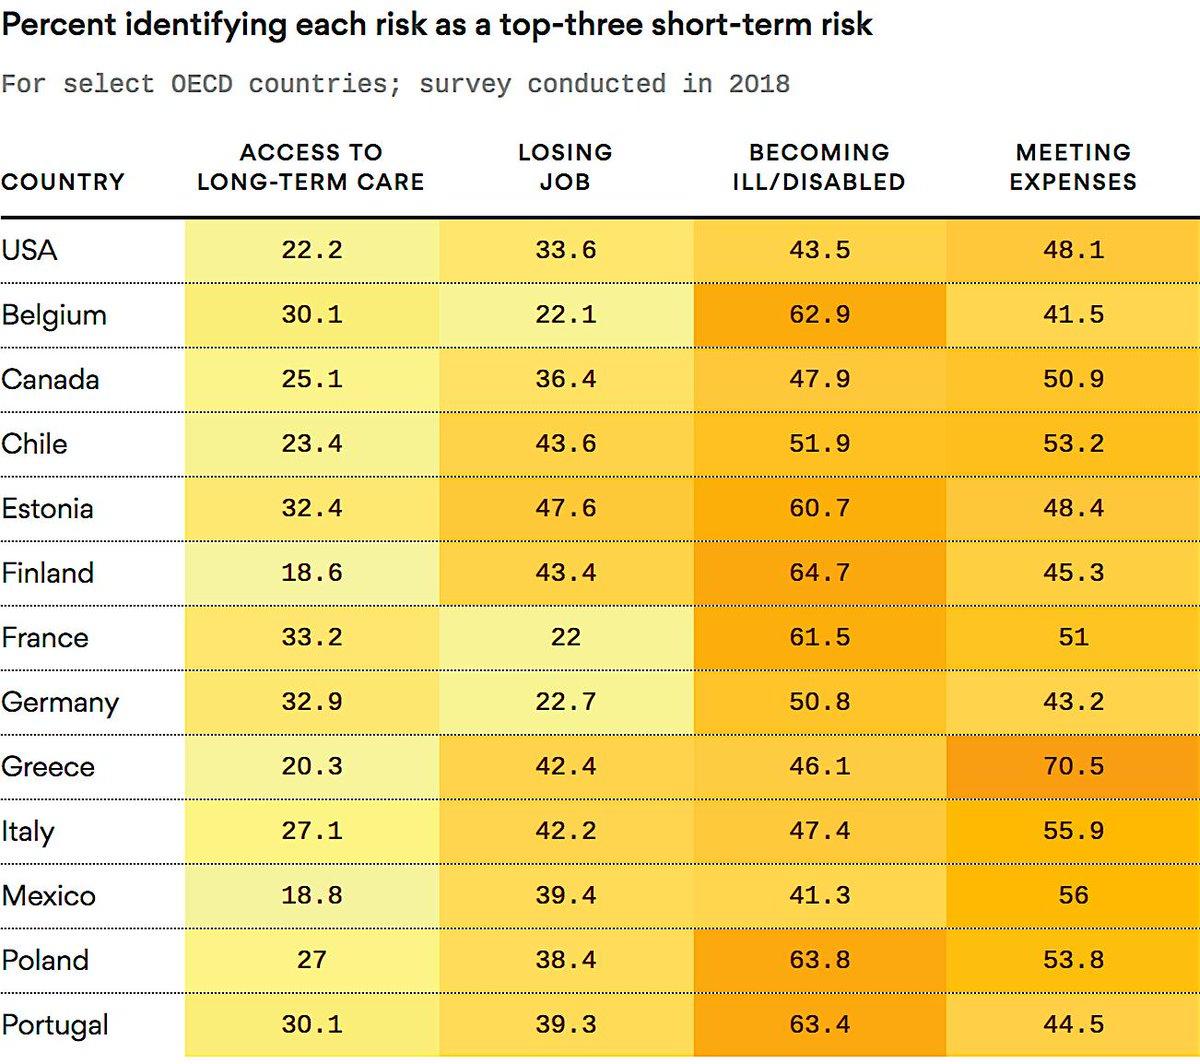 TOP THREE PERCENT RISK